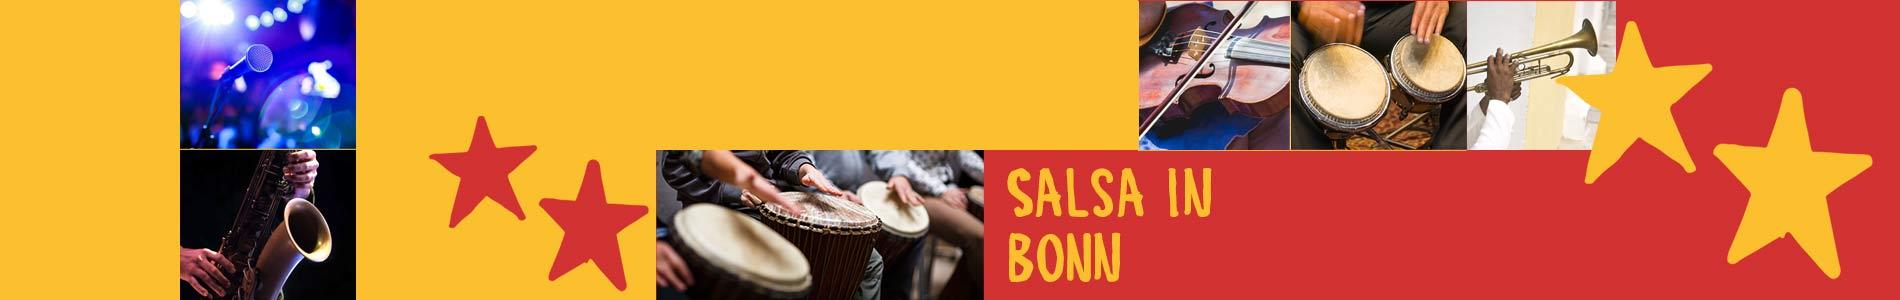 Salsa in Bonn – Salsa lernen und tanzen, Tanzkurse, Partys, Veranstaltungen